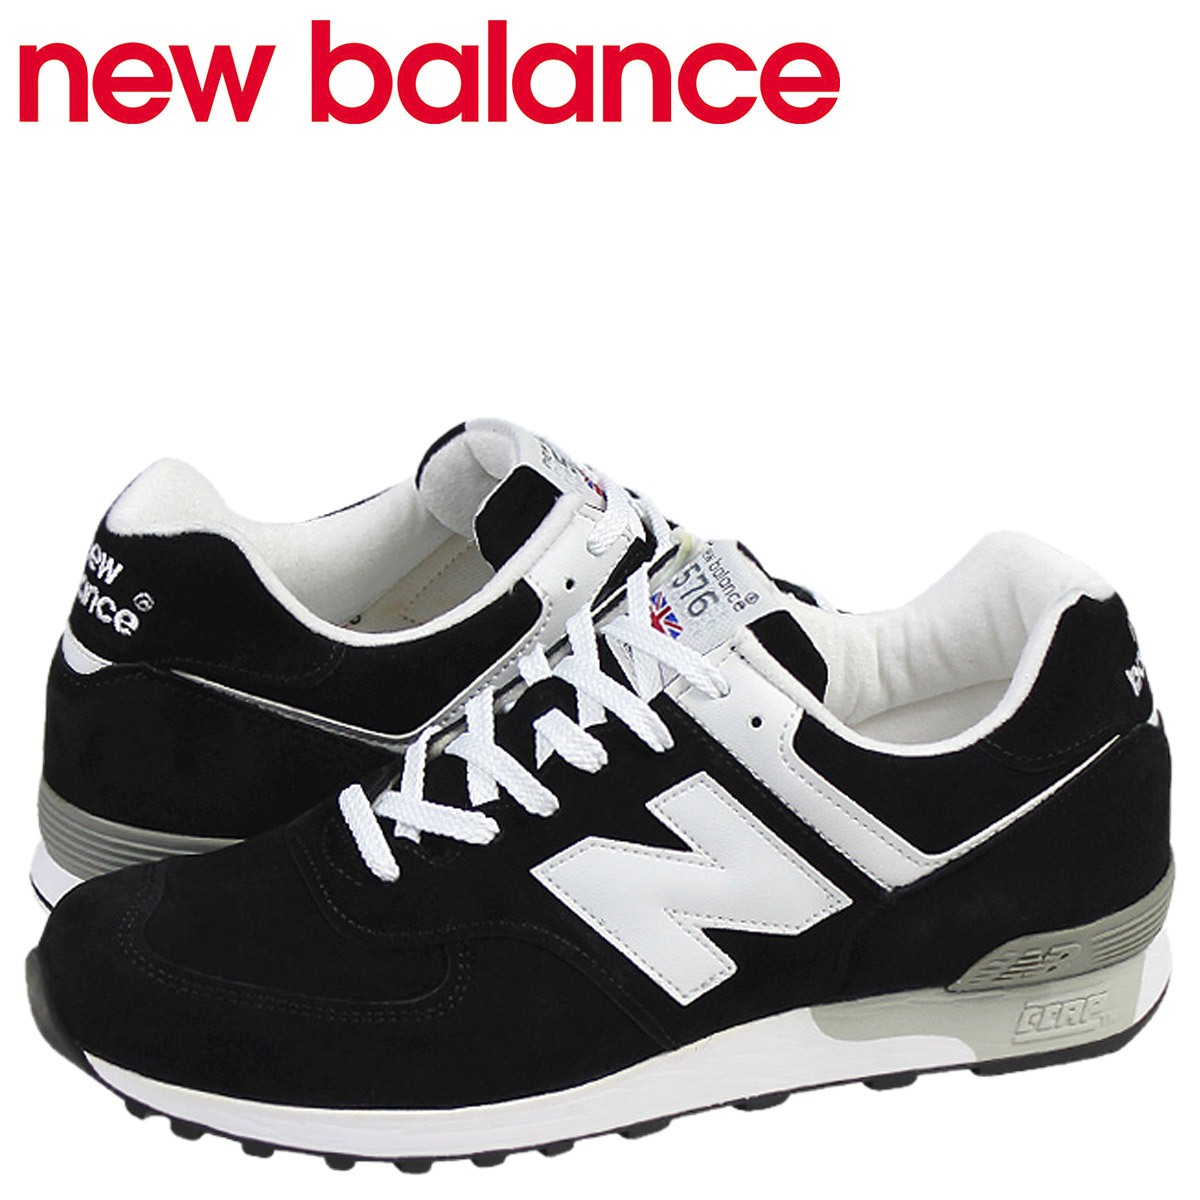 [卖出] 新平衡新平衡 M576KGS 运动鞋作出在英格兰 D 明智麂皮绒男装黑色白色